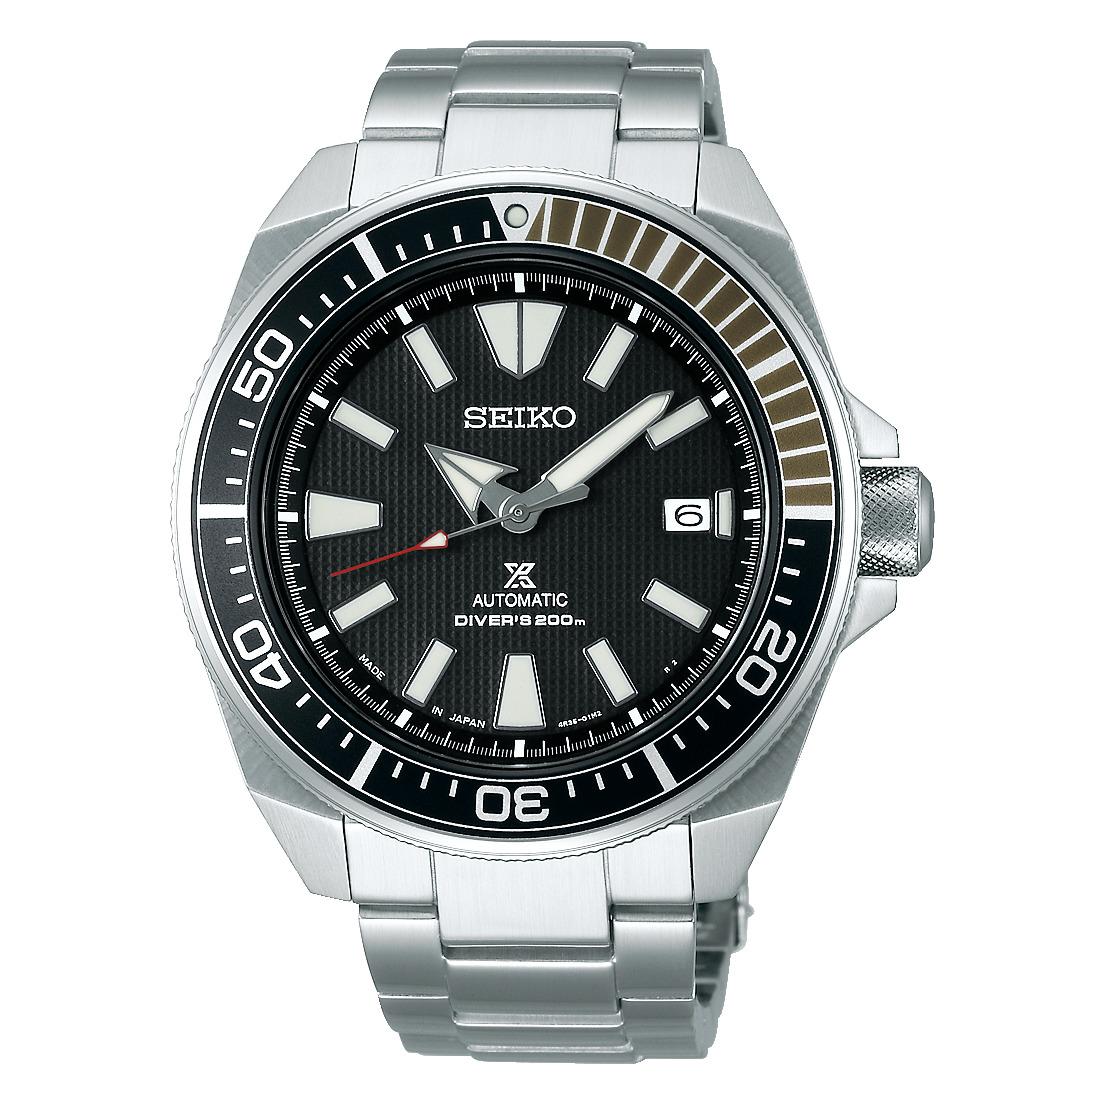 正規品 SEIKO PROSPEX セイコー プロスペックス SBDY009 ダイバースキューバ 腕時計